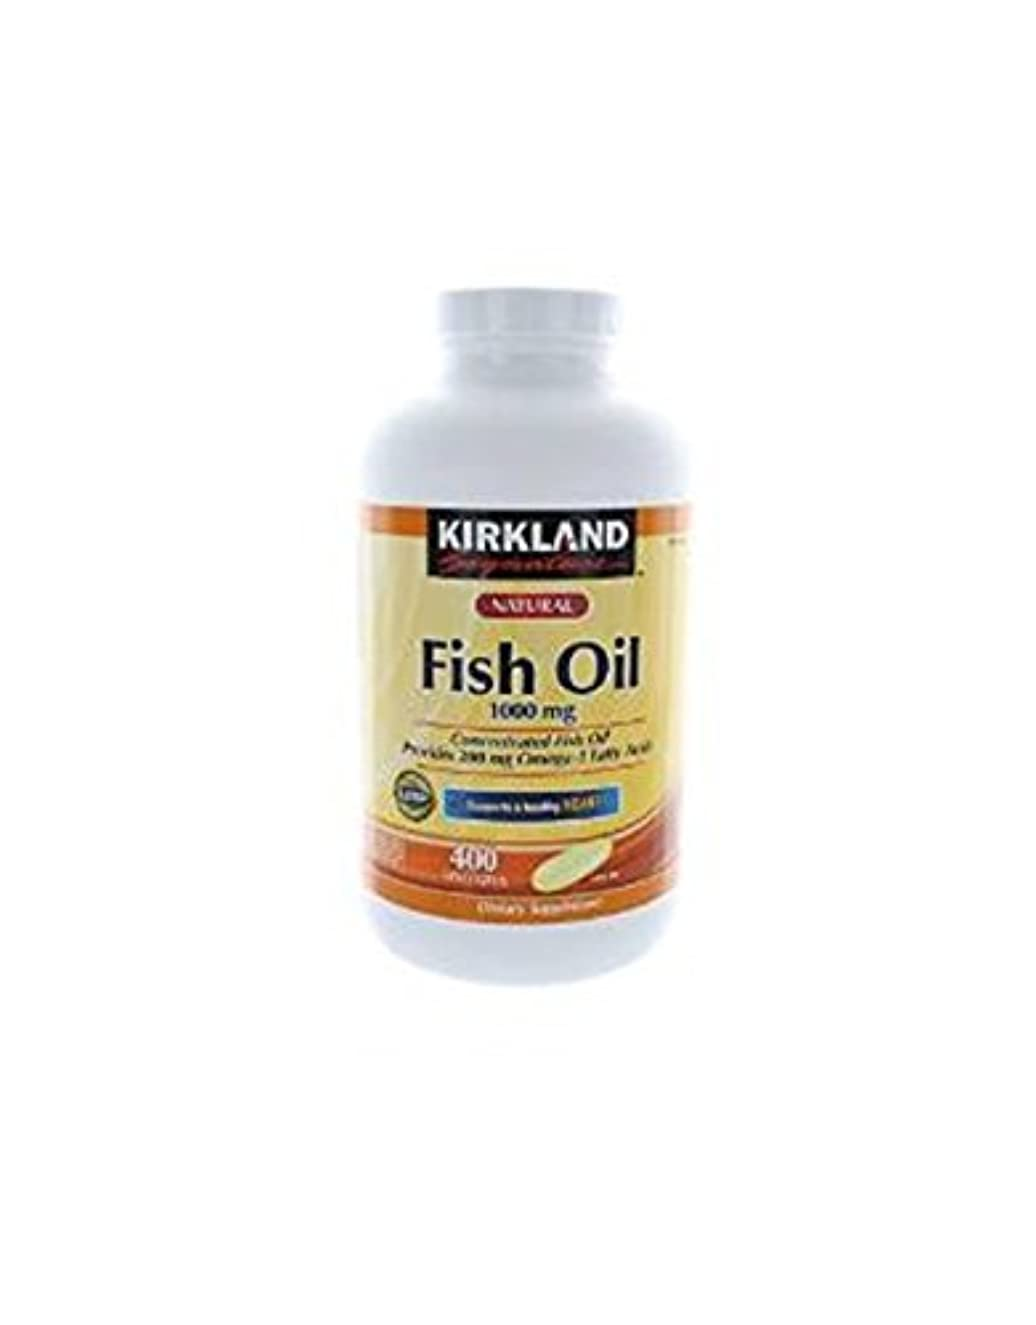 リレーダーベビルのテスメディックKirkland Signature Omega-3 Fish Oil Concentrate, 400 Softgels, 1000 mg Fish Oil with 30% Omega-3s (300 mg) 1200...